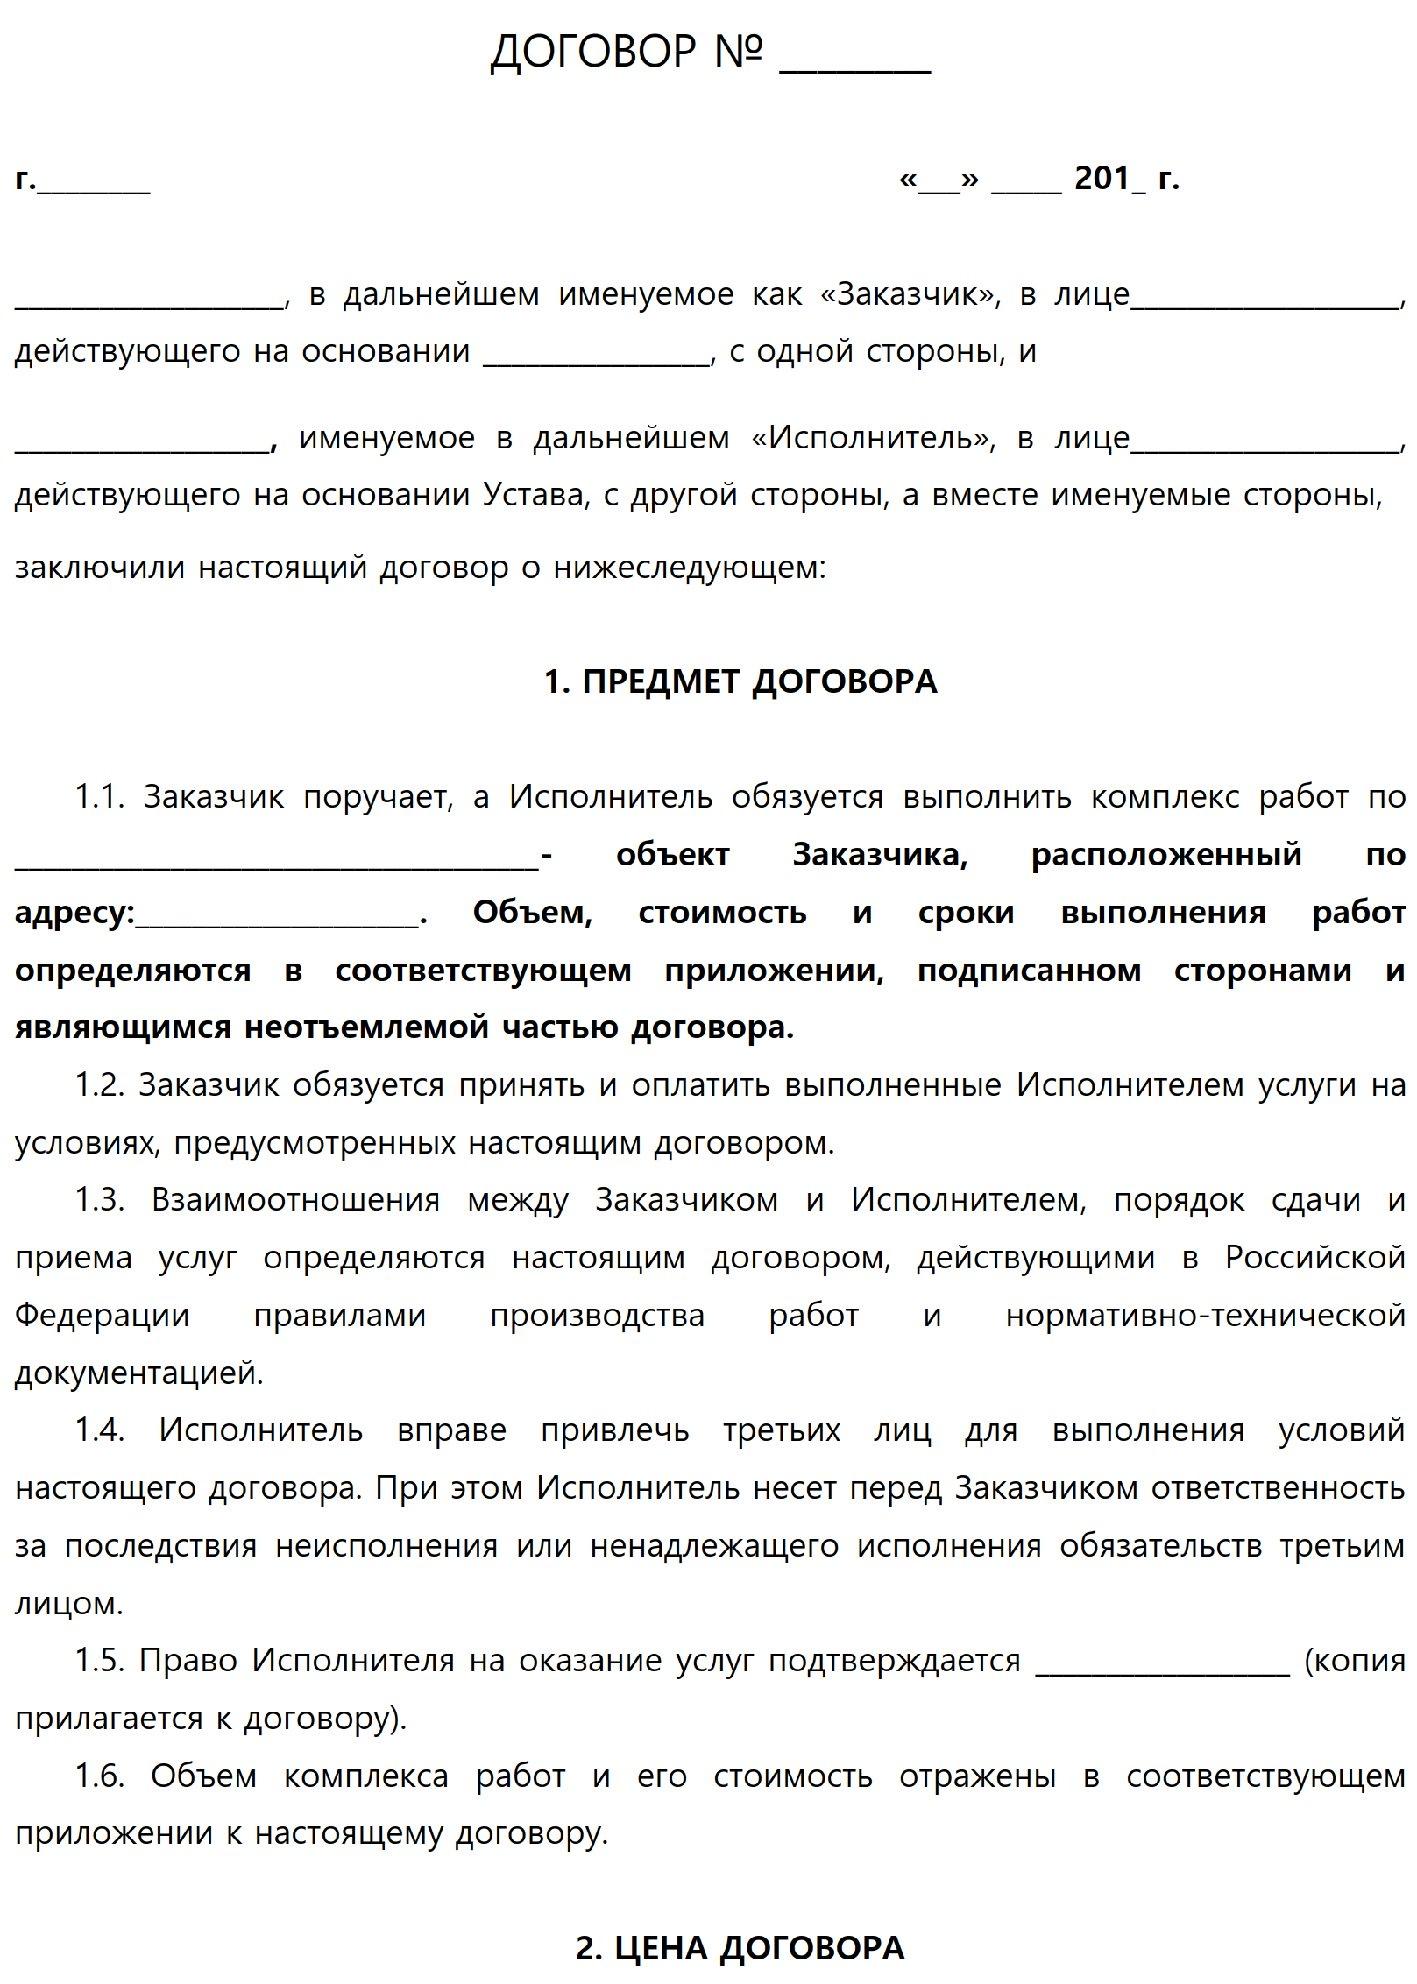 Договор подряда между юридическими лицами на выполнение проектных работы образец